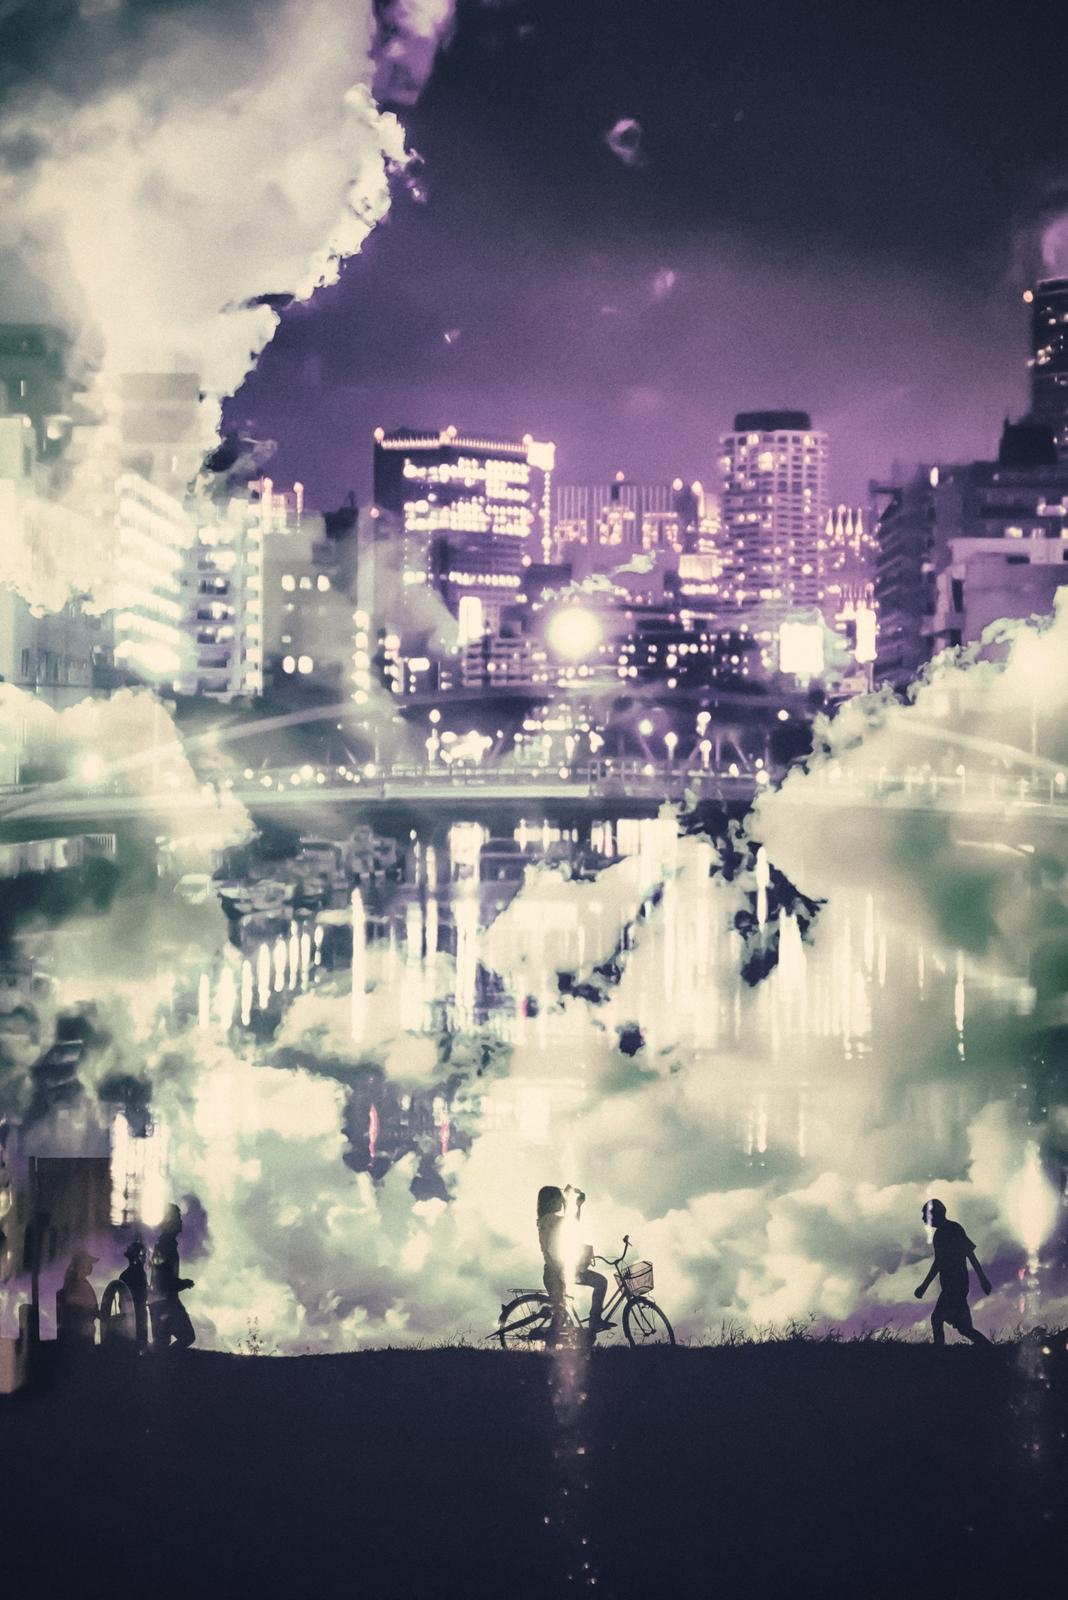 川べりを照らす街の光が眩しい夜の日常